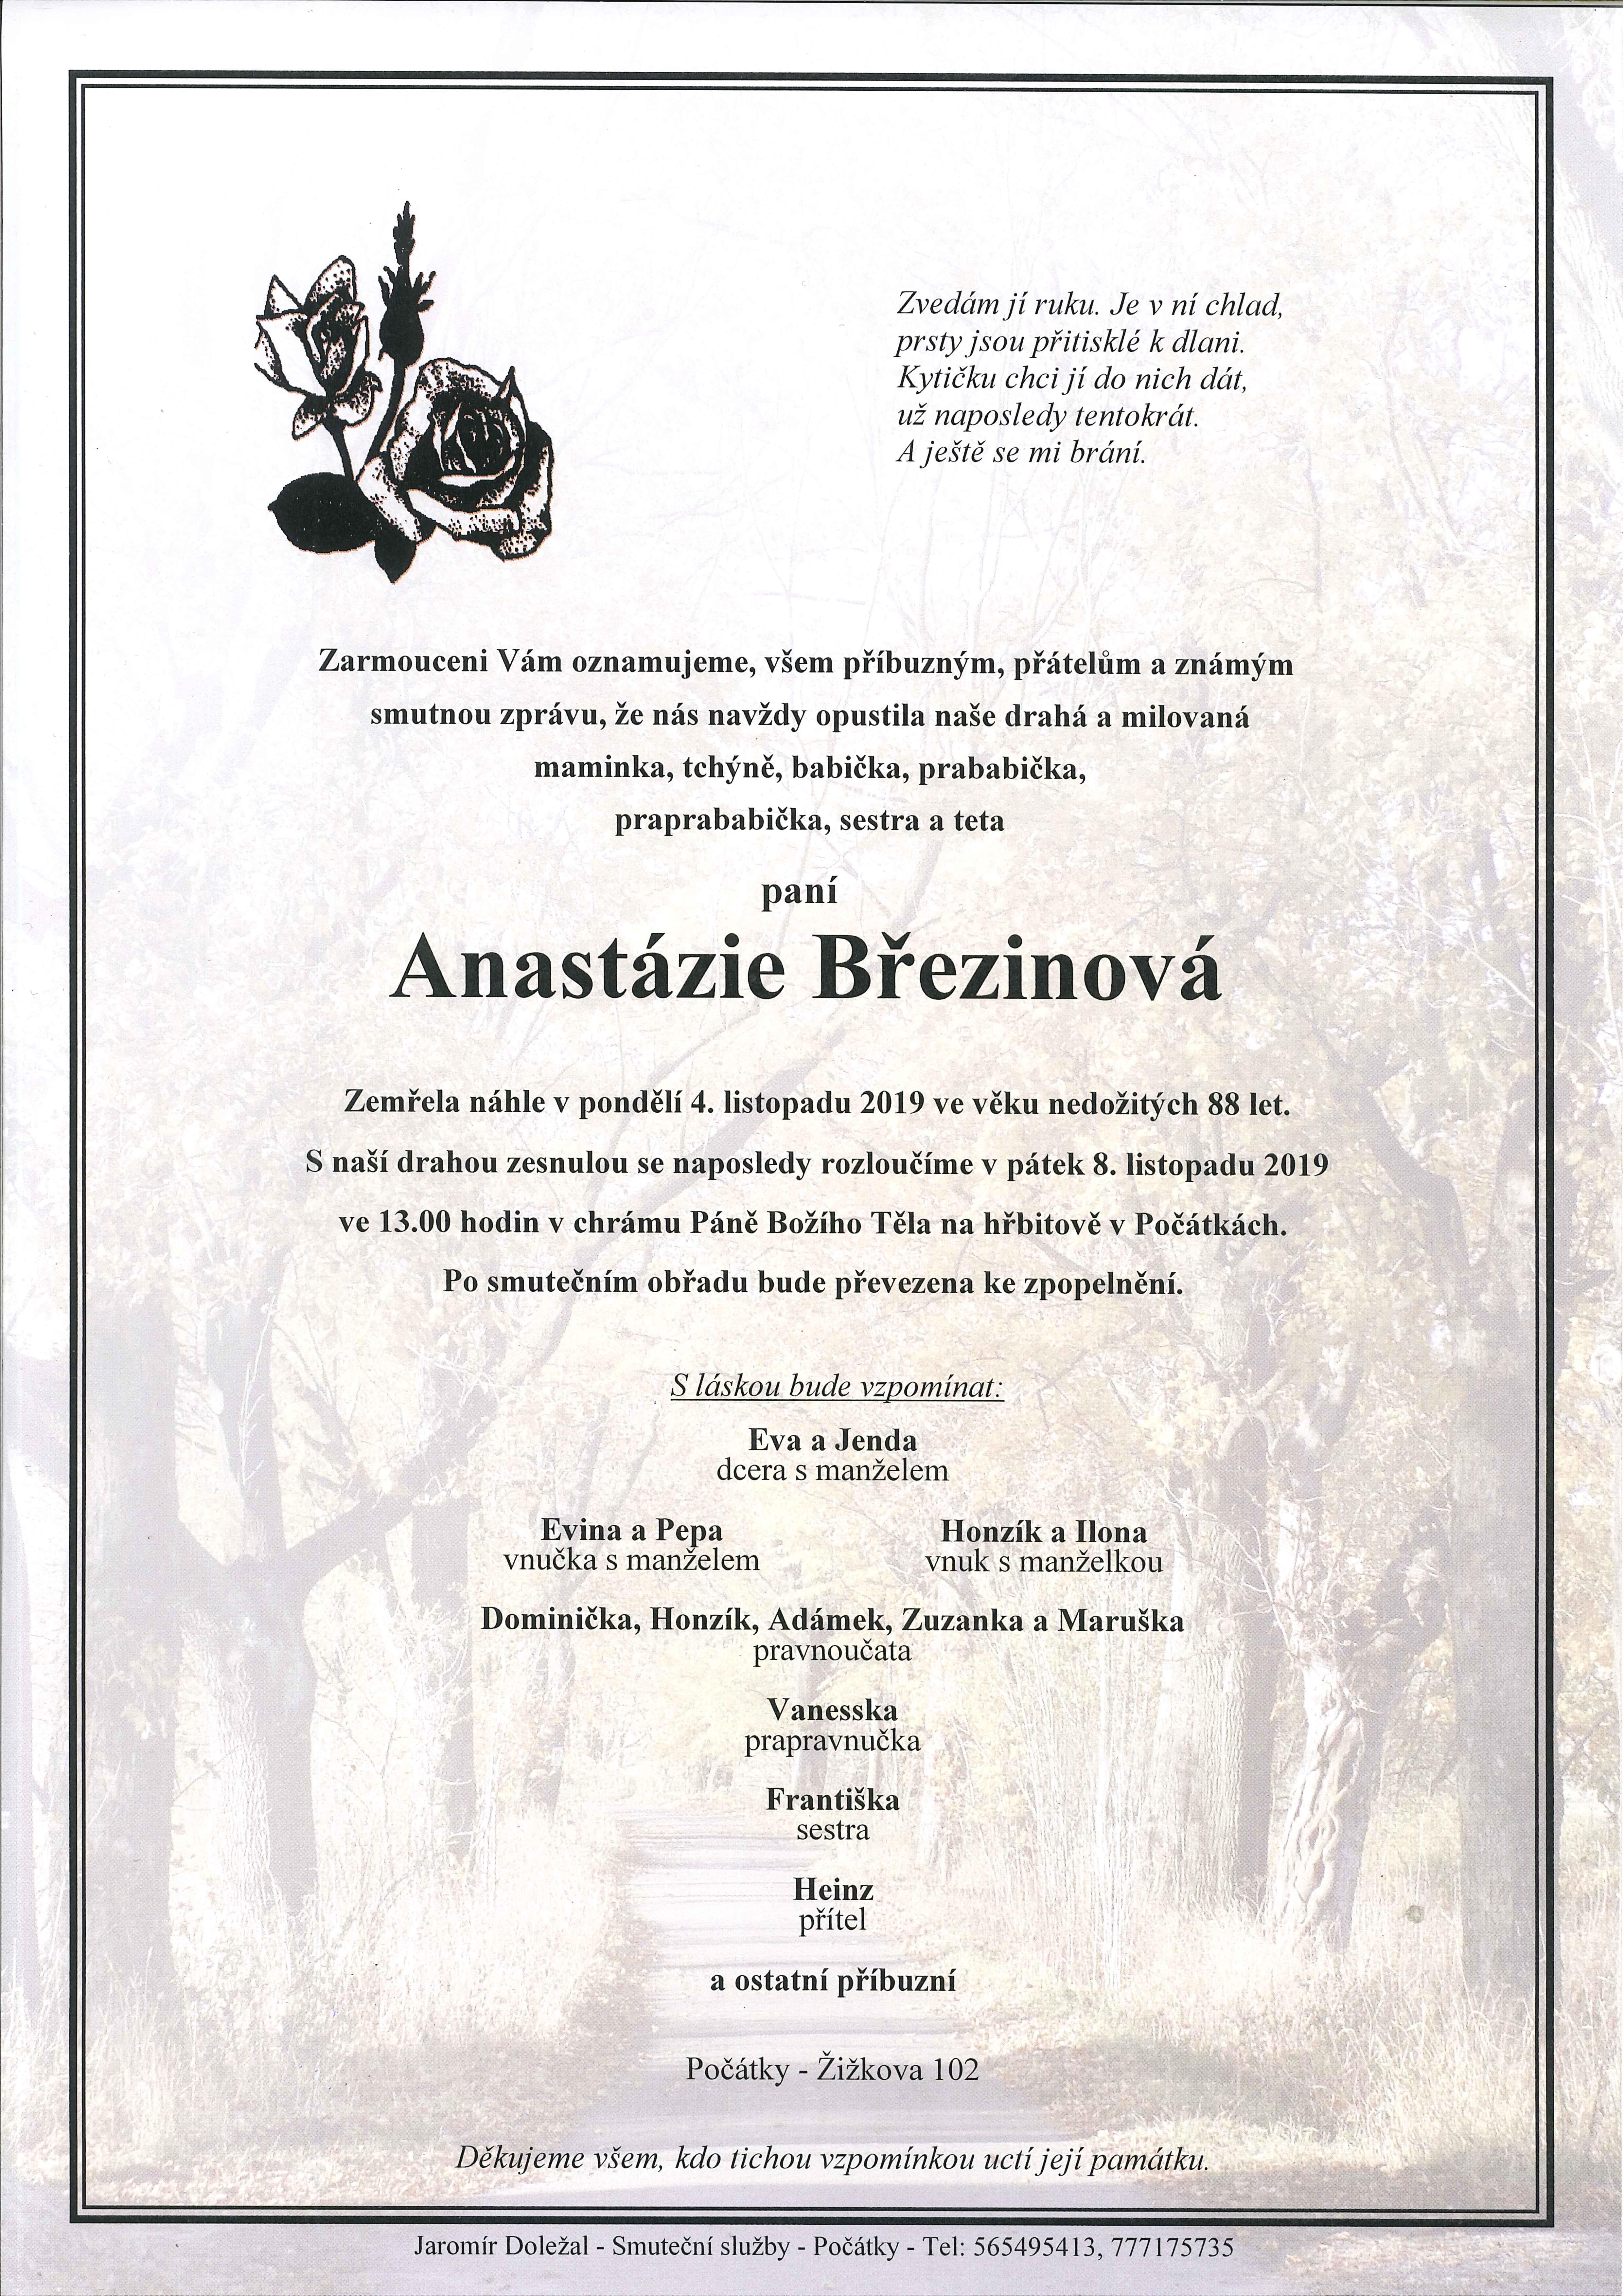 Anastázie Březinová